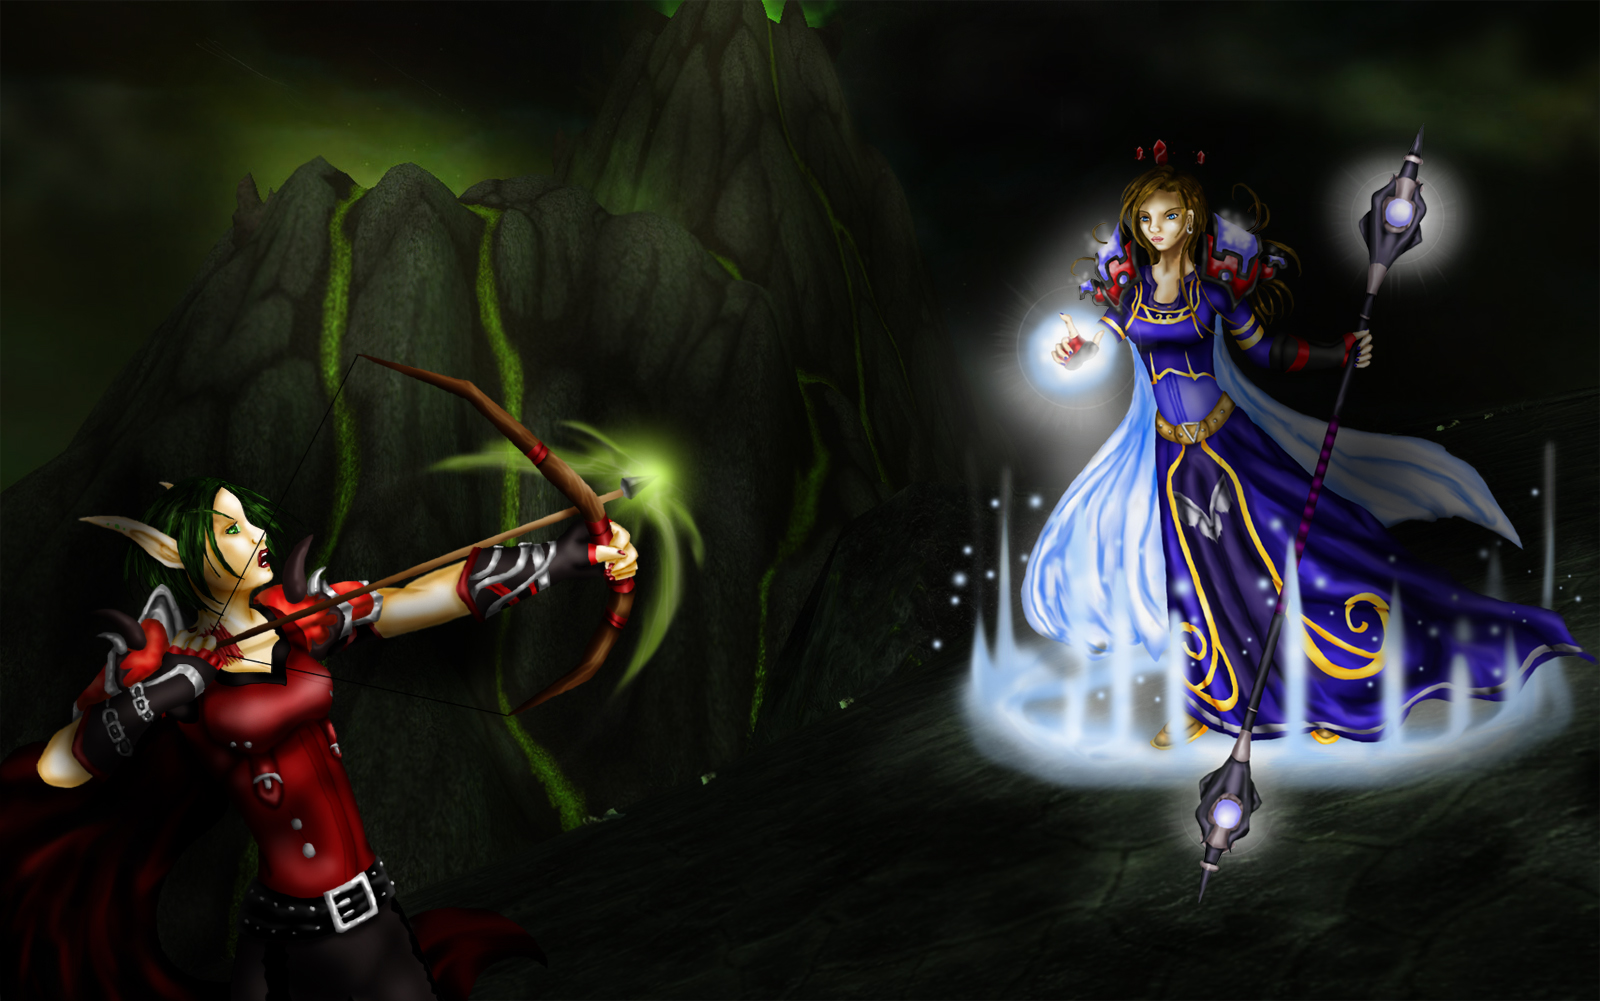 Alliance_vs__Horde_by_Dawnchaser